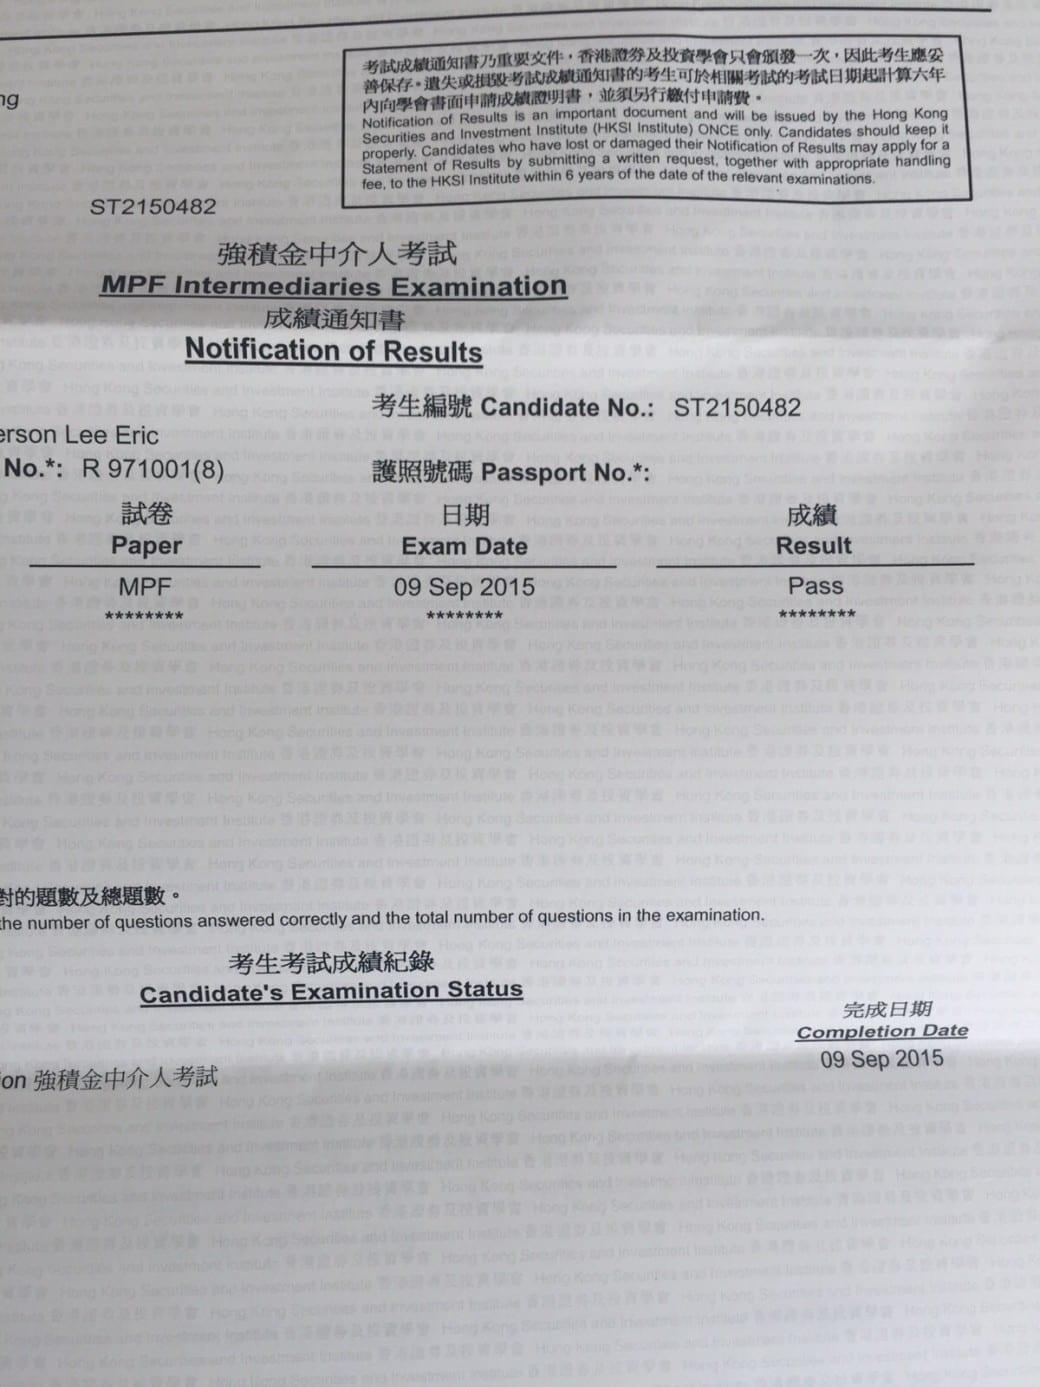 Andersonleeeric 9/9/2015 IIQE Paper 4 Pass